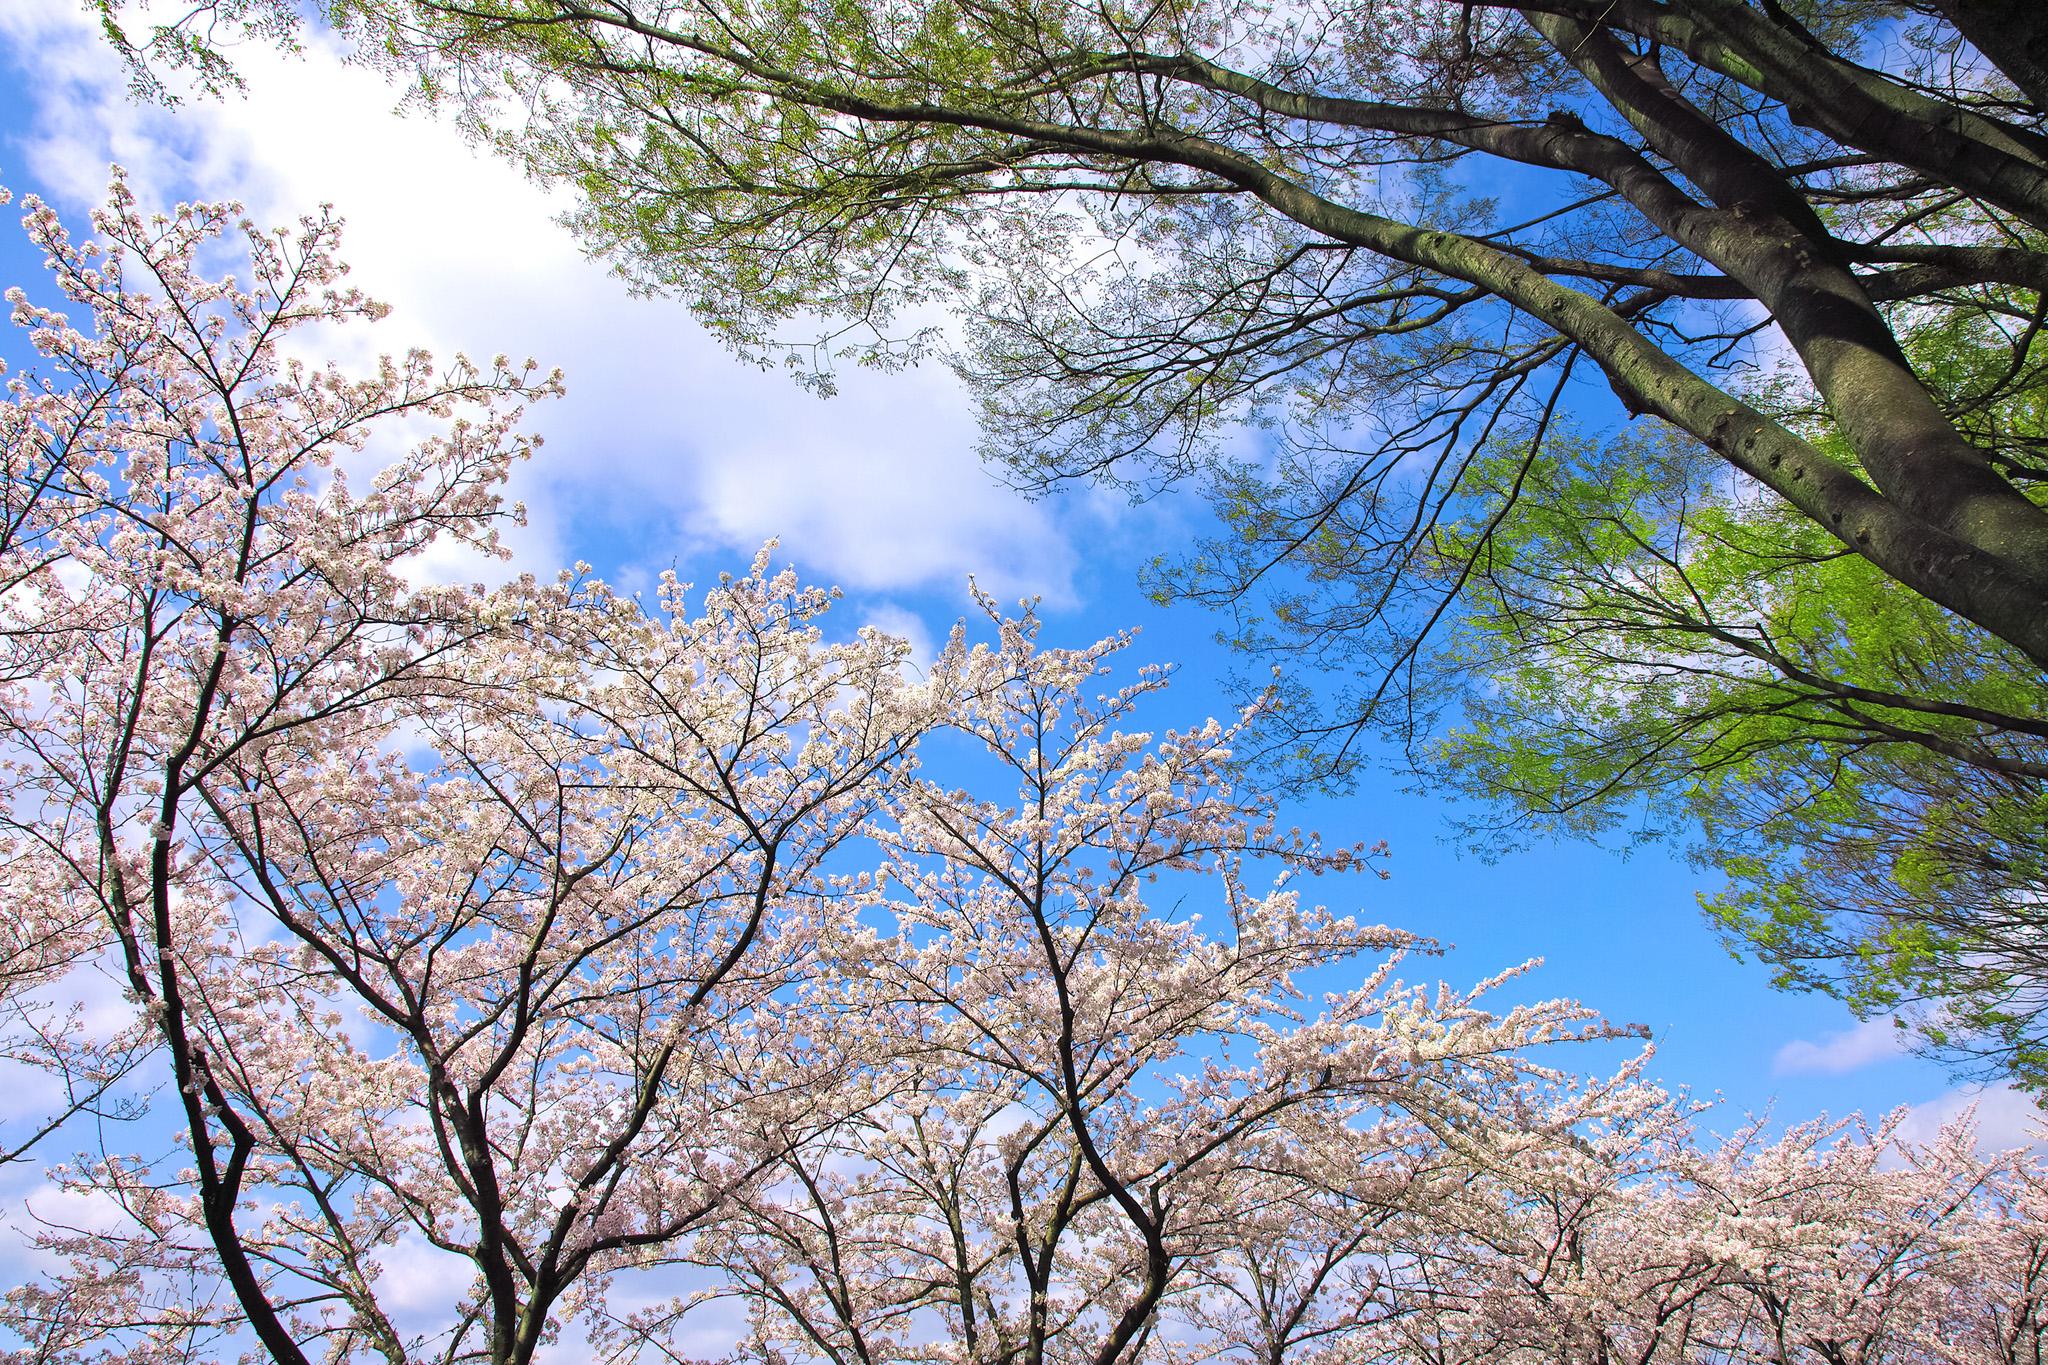 「見上げる桜並木と緑の木々」